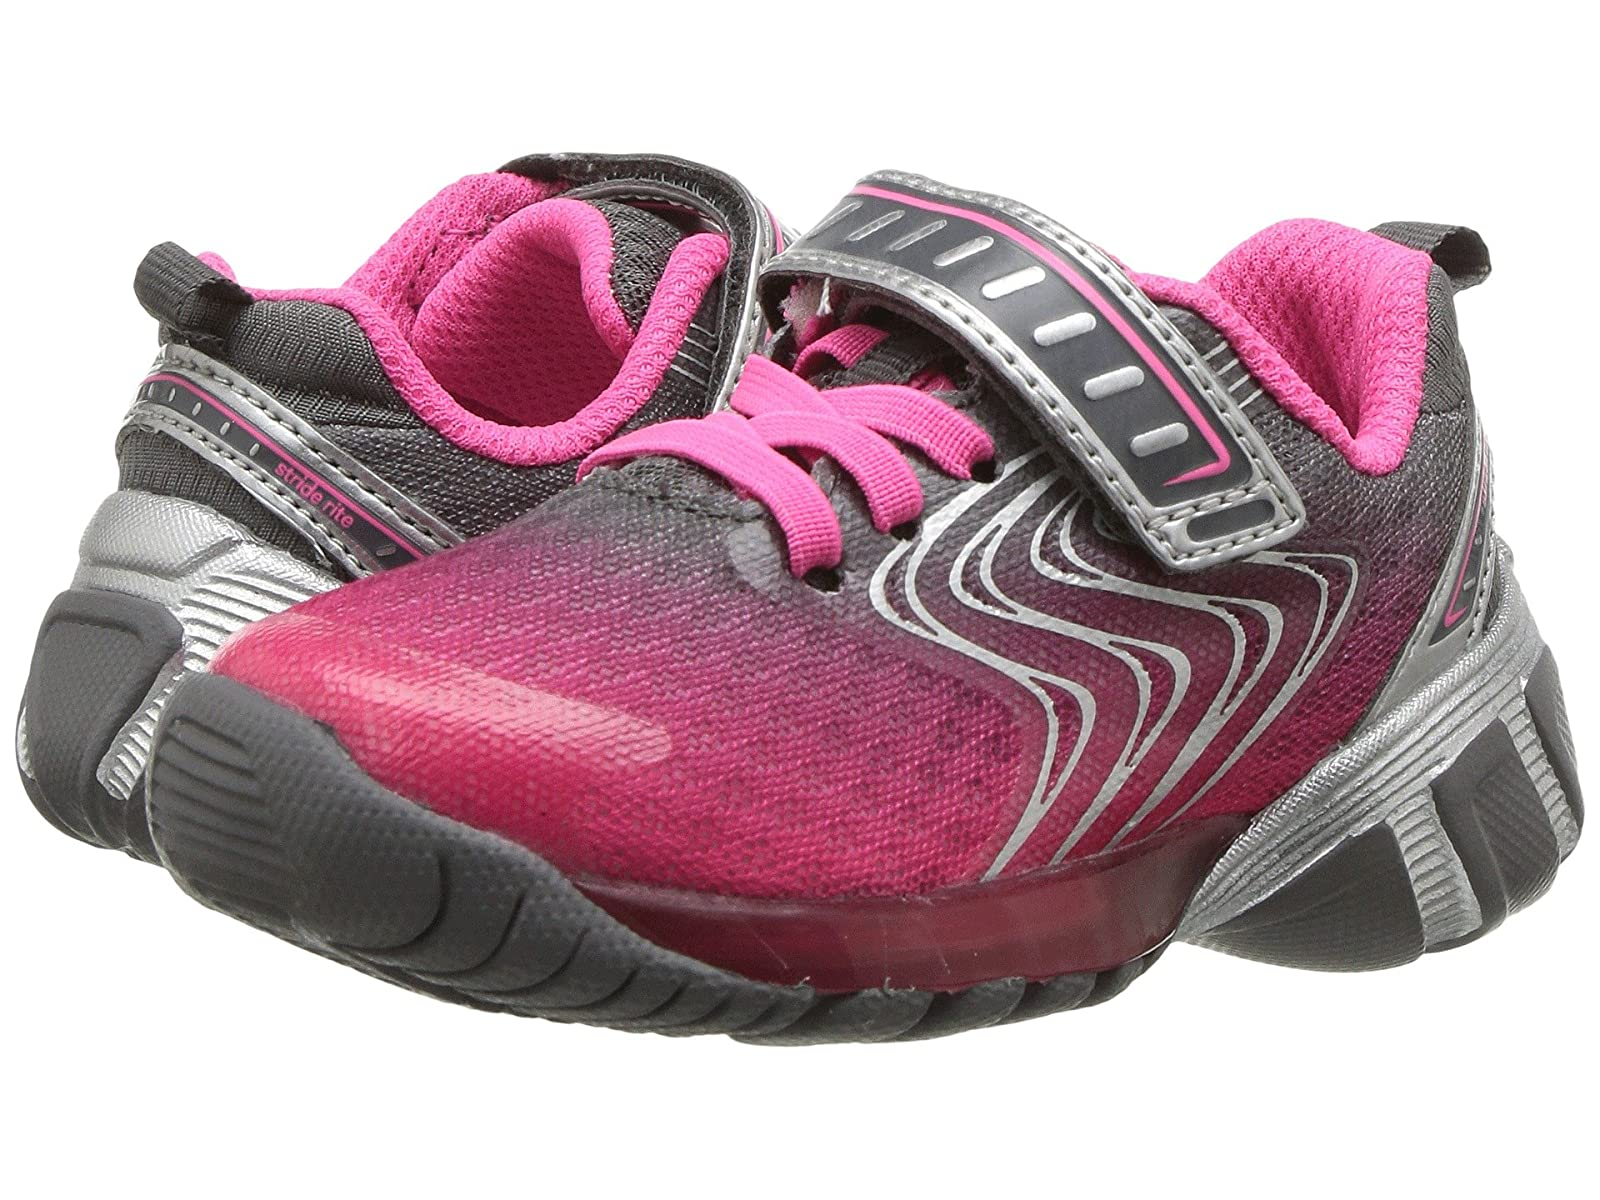 Stride Rite SR-Lights Lux (Toddler/Little Kid)Atmospheric grades have affordable shoes